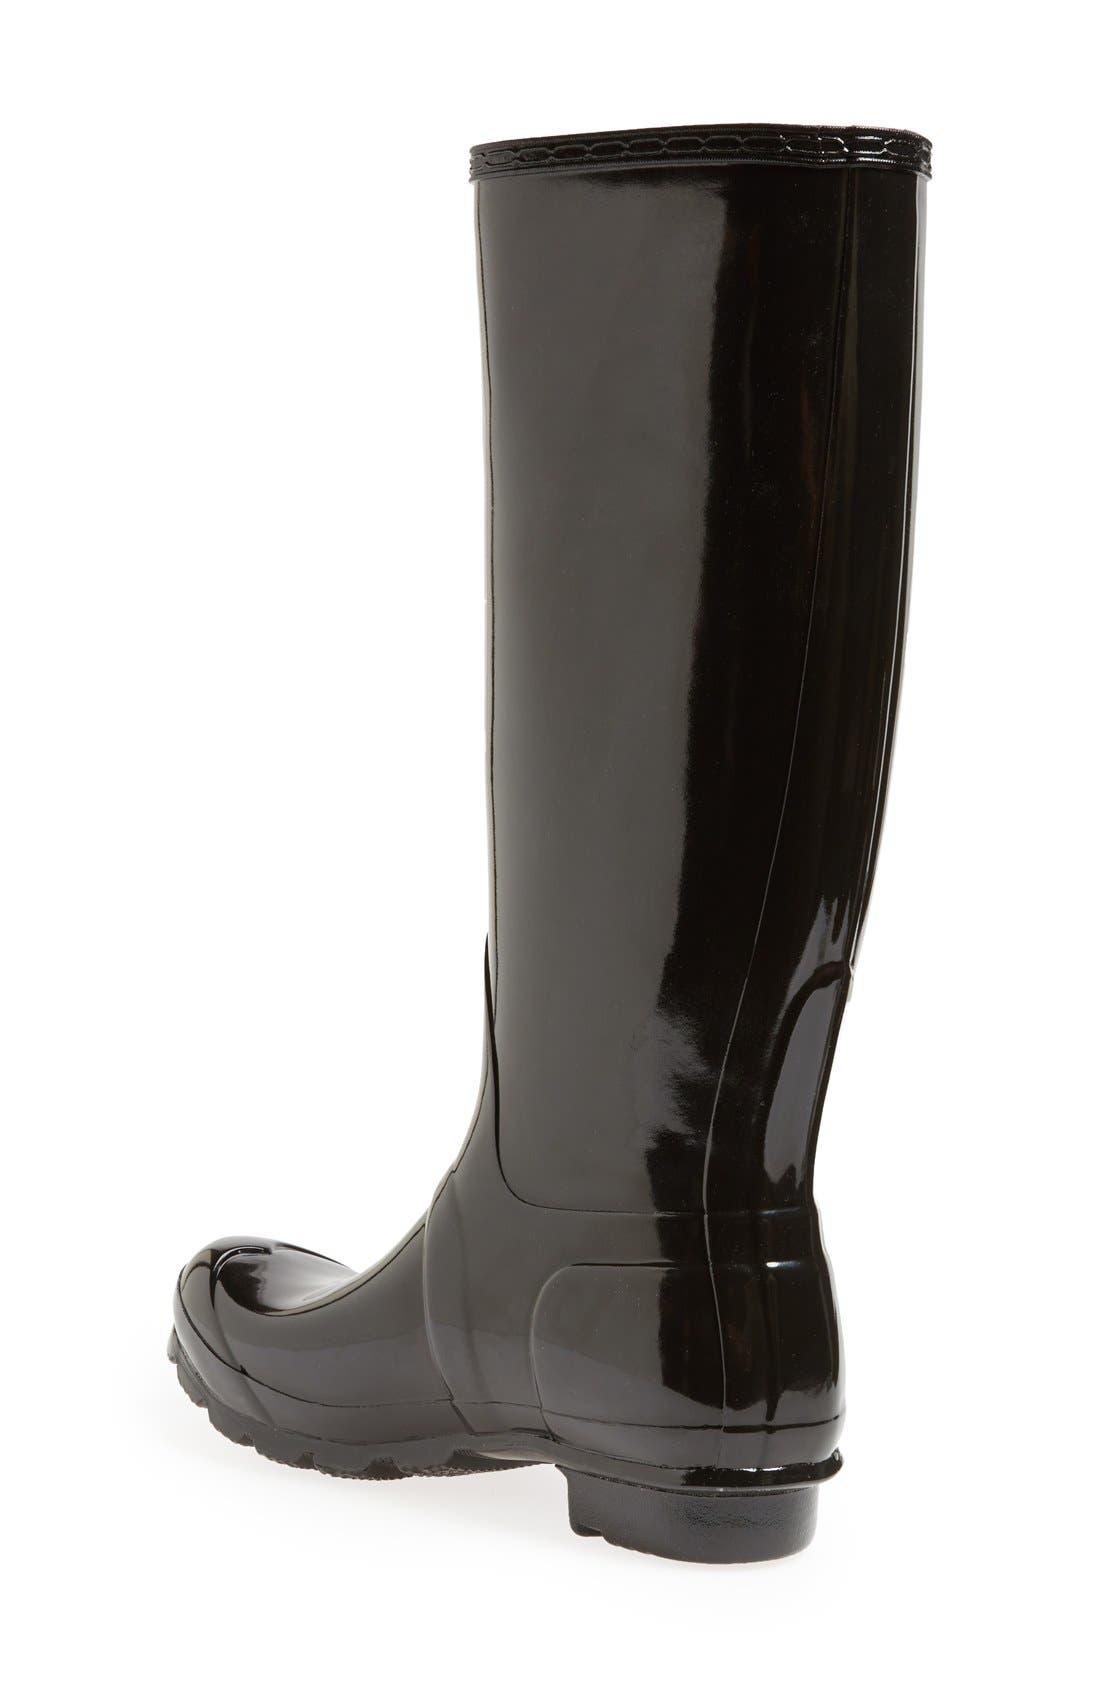 854e6104ea8 Women s Boots